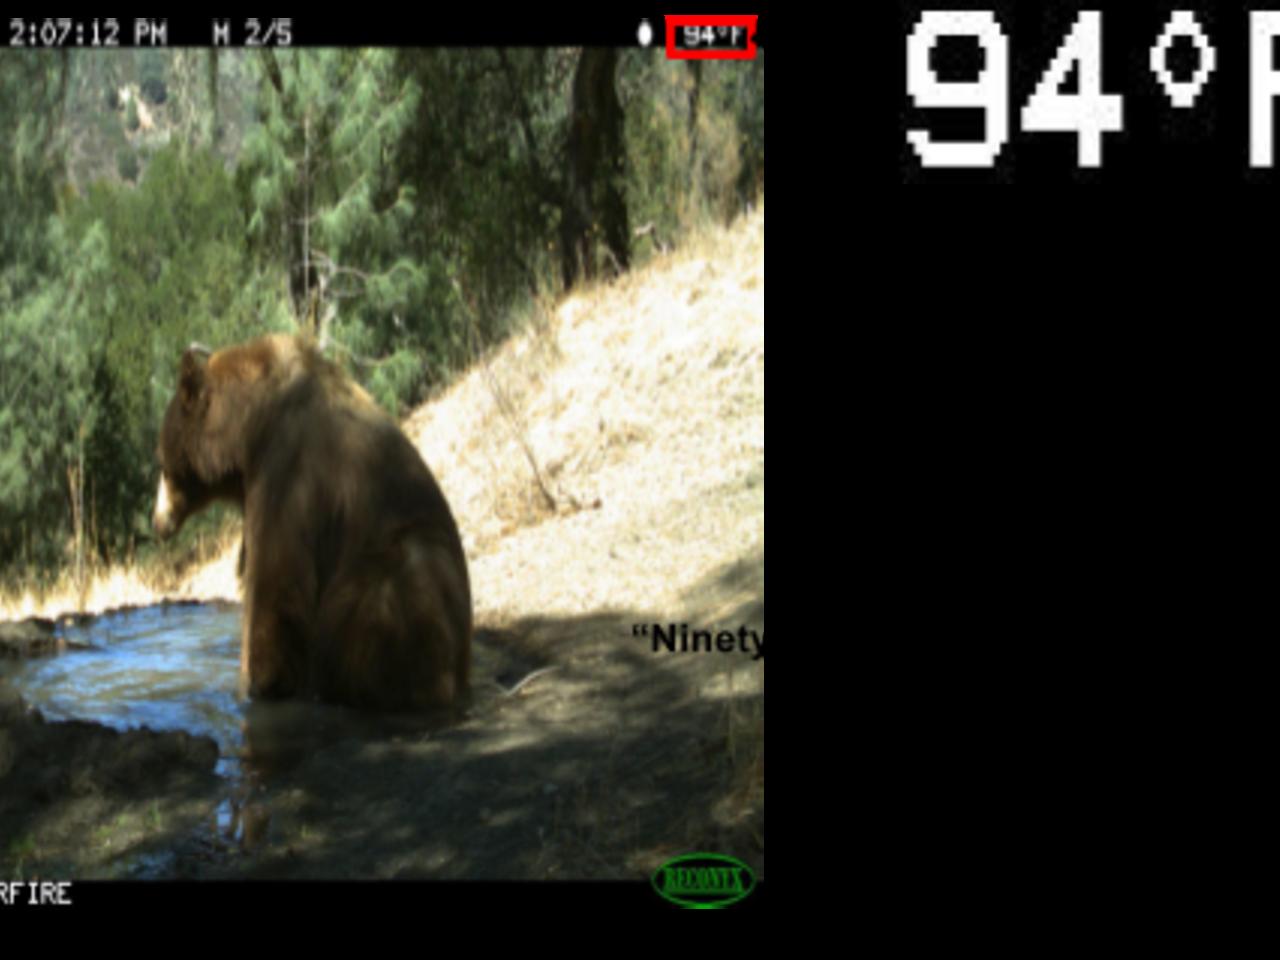 Recognizing temperature values in camera traps using OCR